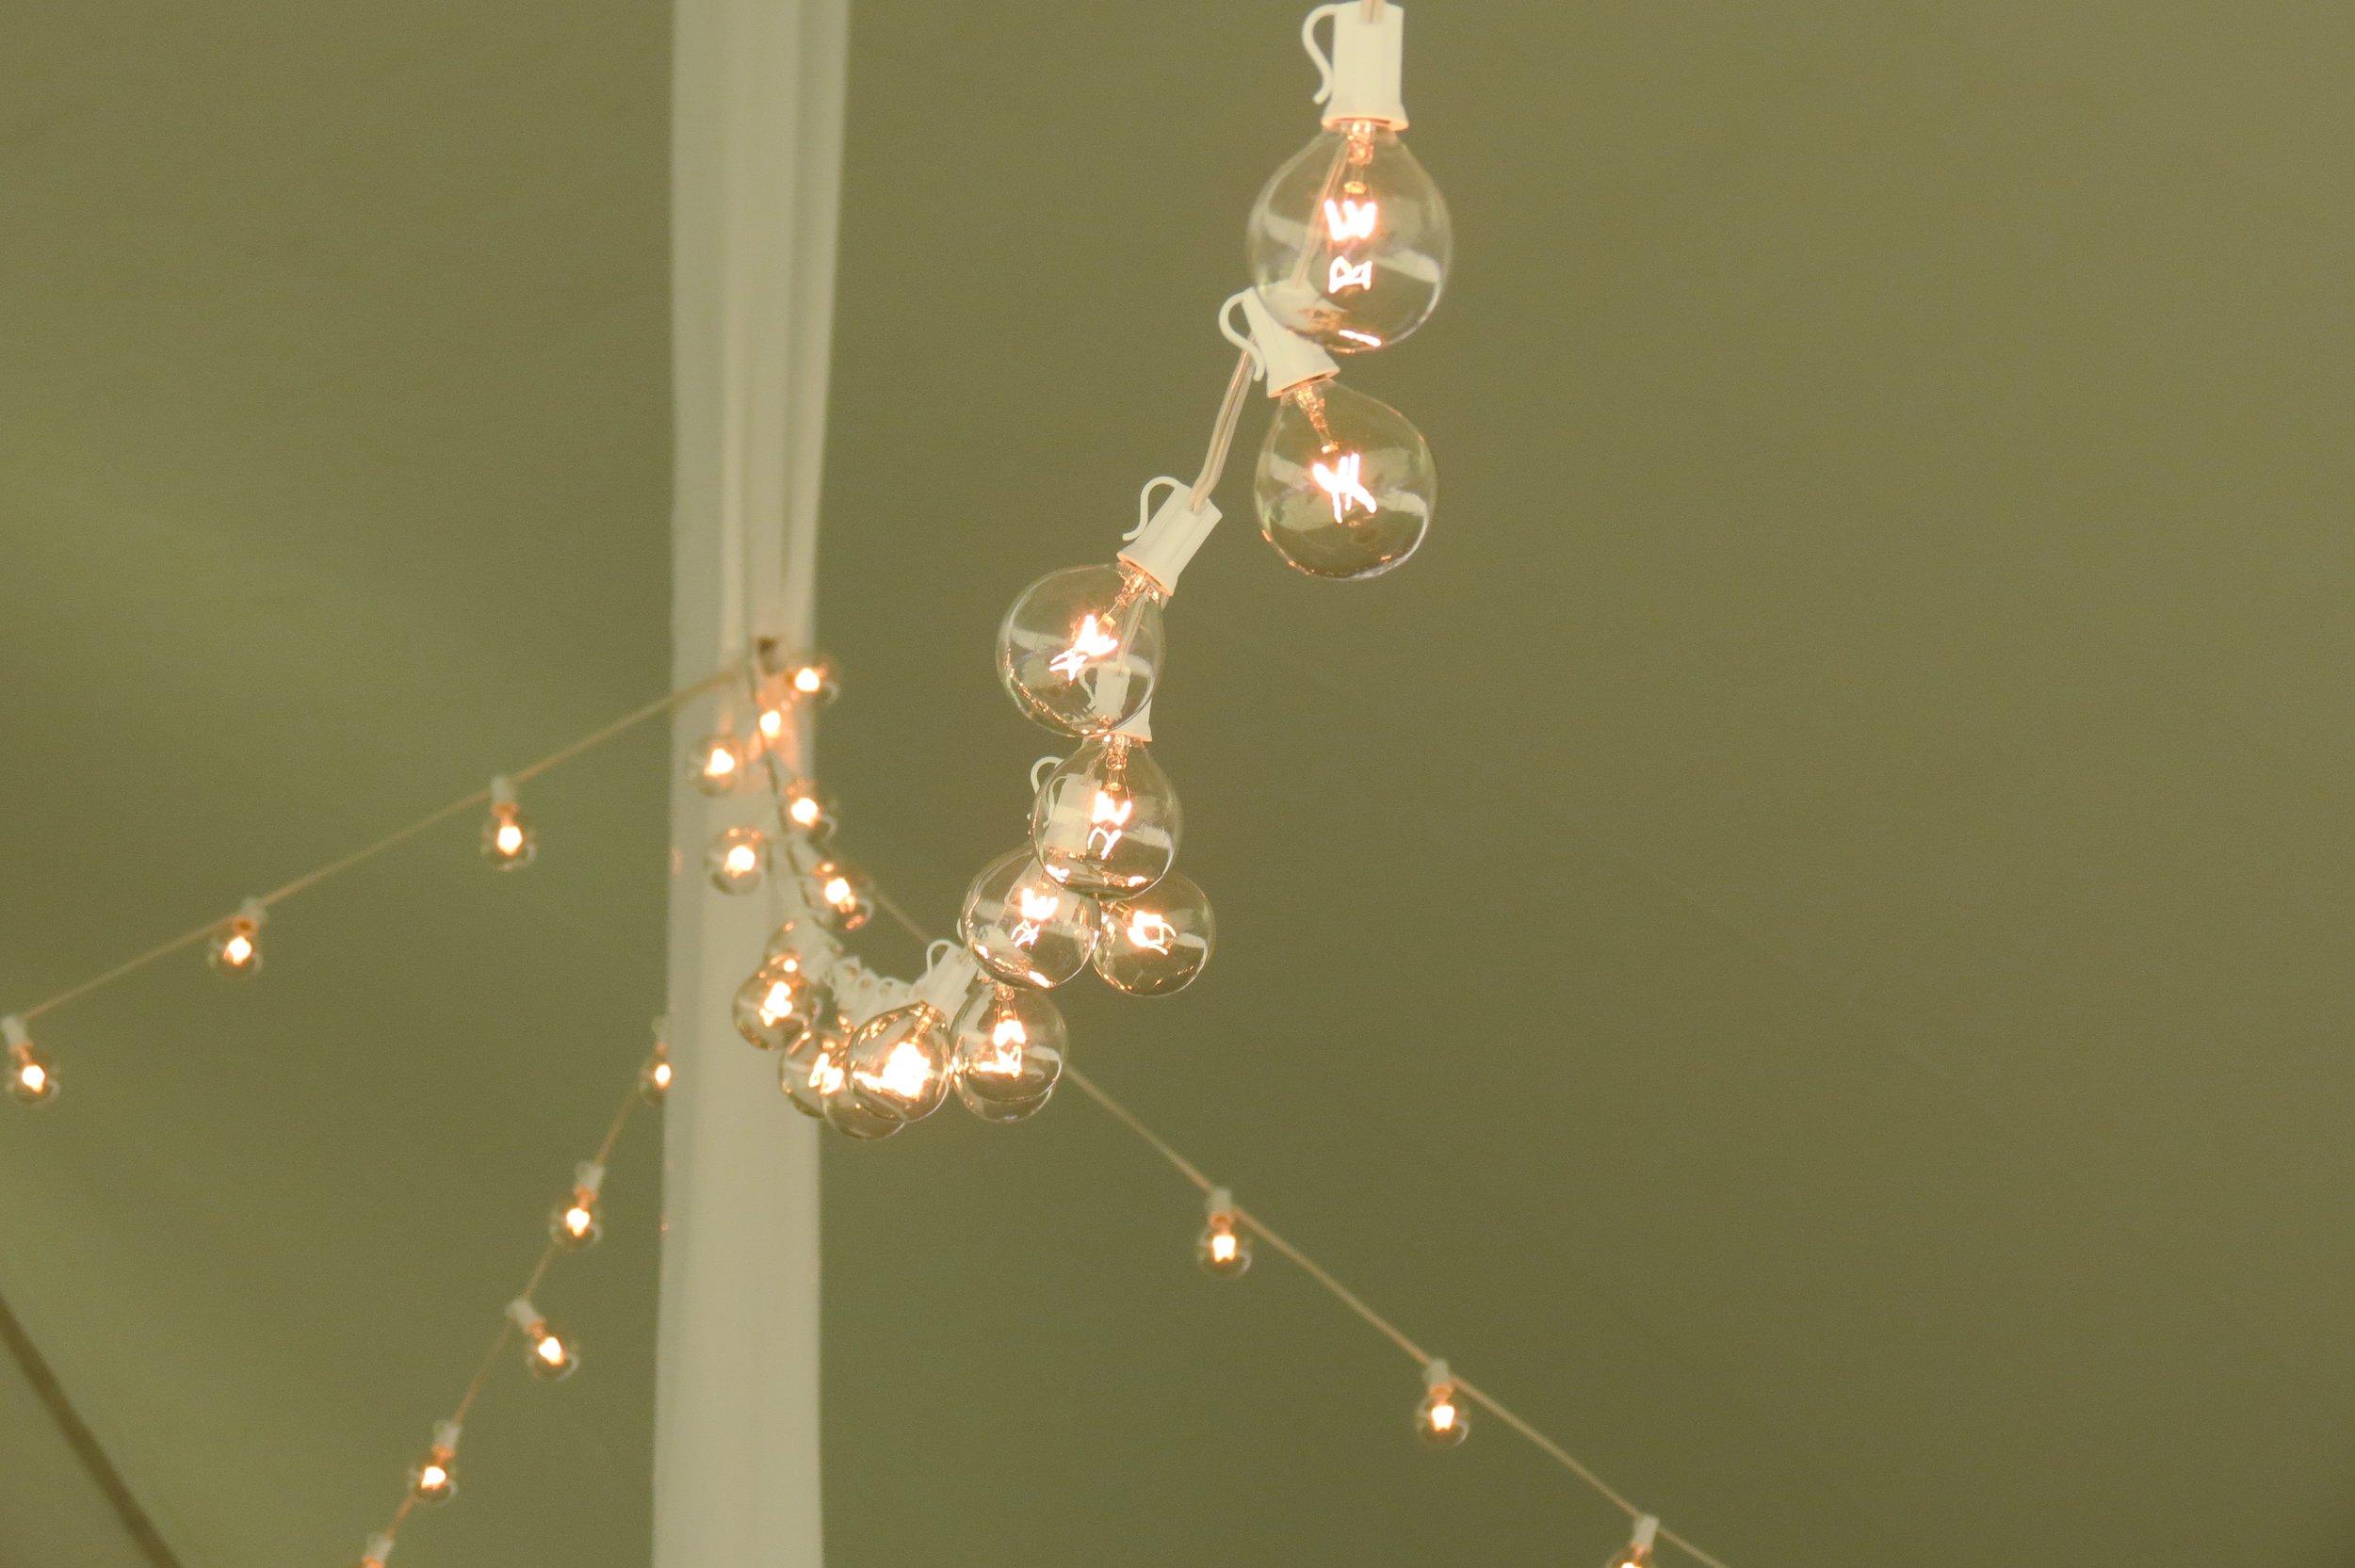 Cafe lighting rentals in Dover DE